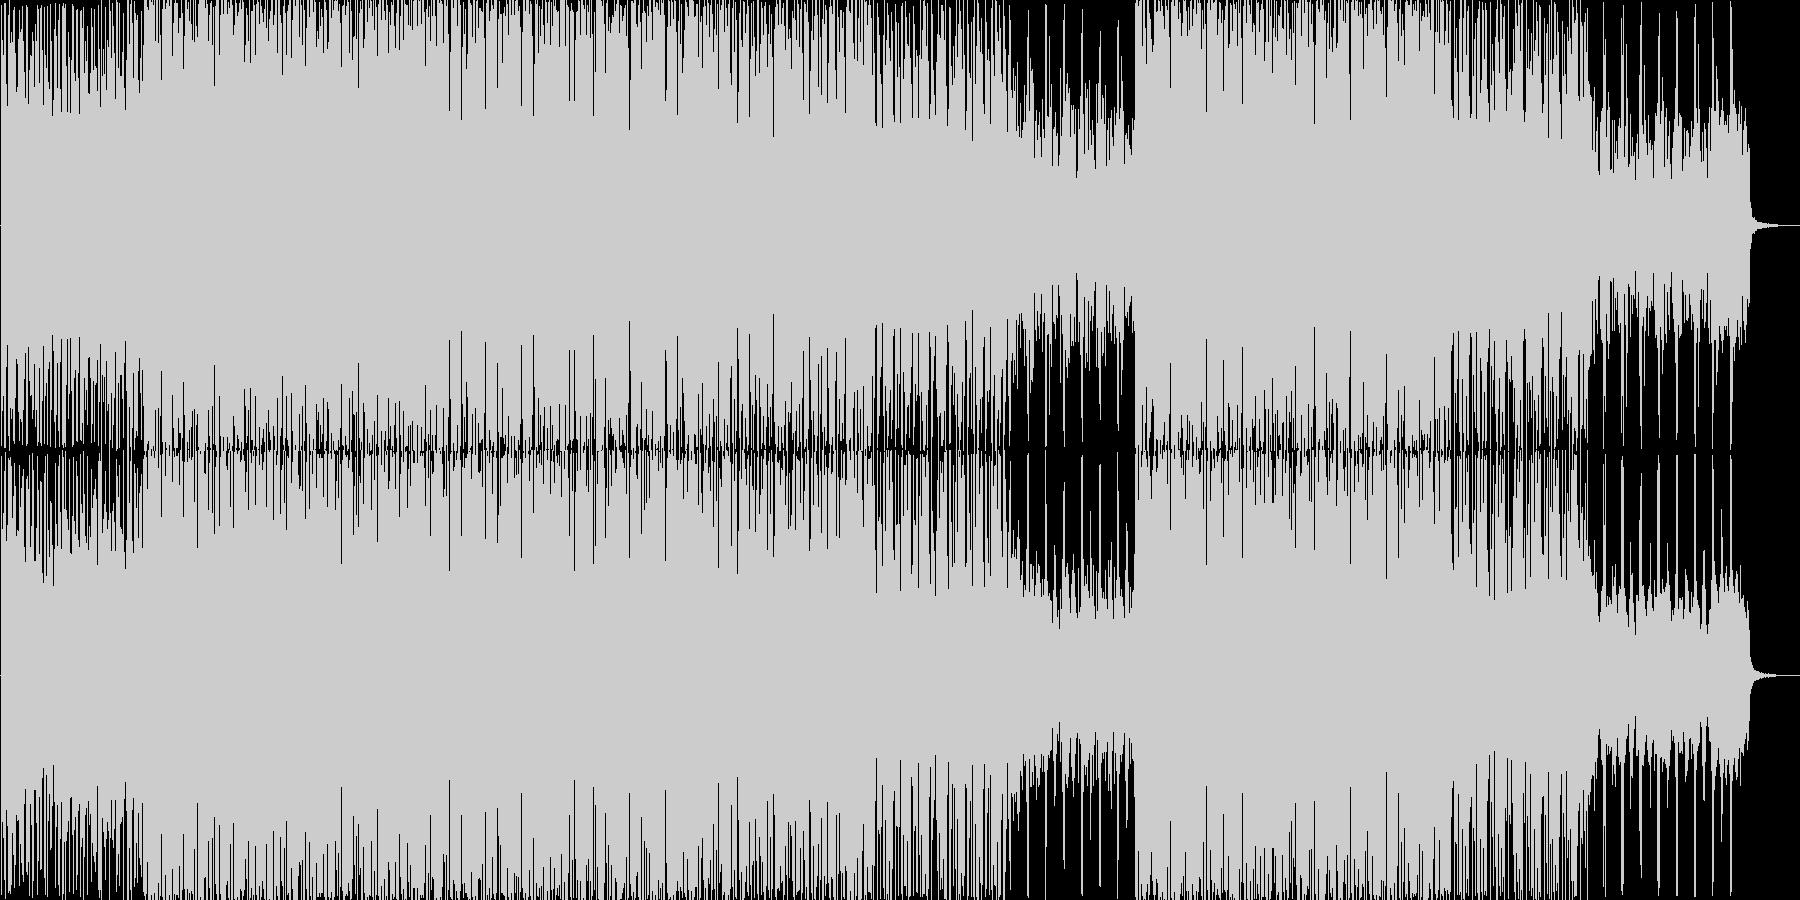 切ない雰囲気のBGMの未再生の波形